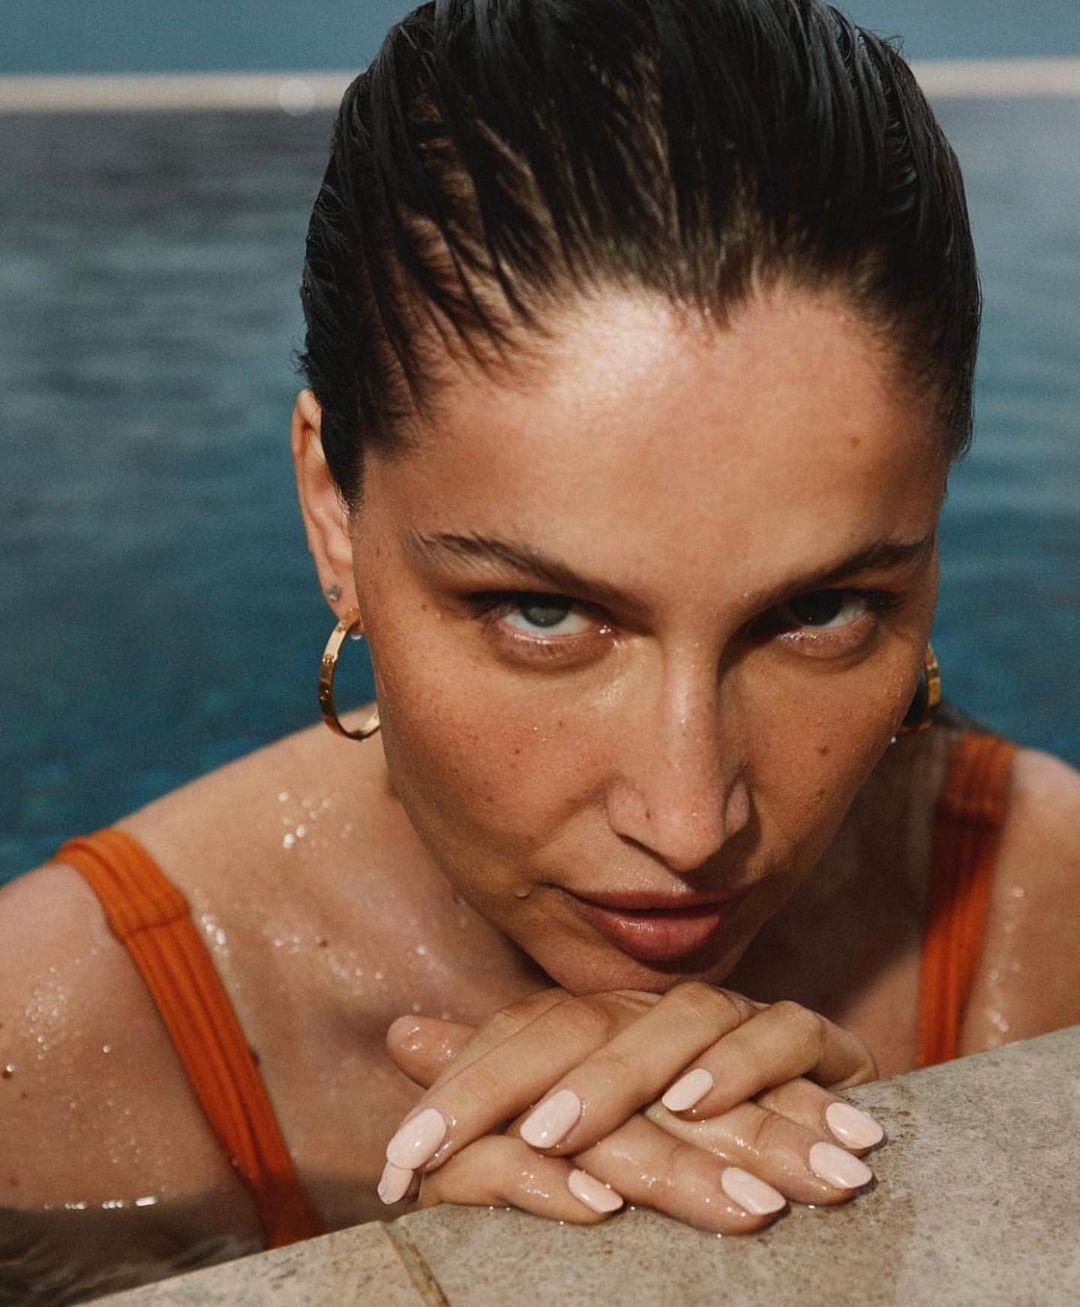 Минутка мотивации: съемка 43-летней Летиции Касты в купальниках